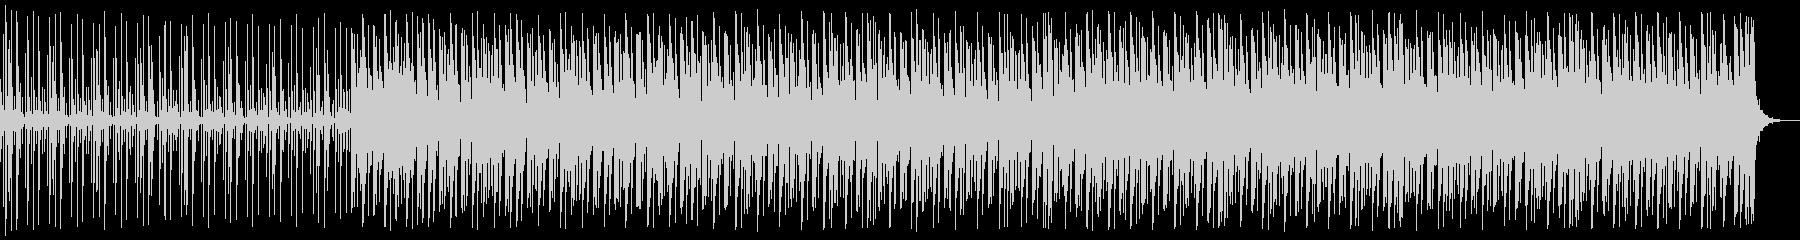 ビートの強いディープハウスNo681_3の未再生の波形